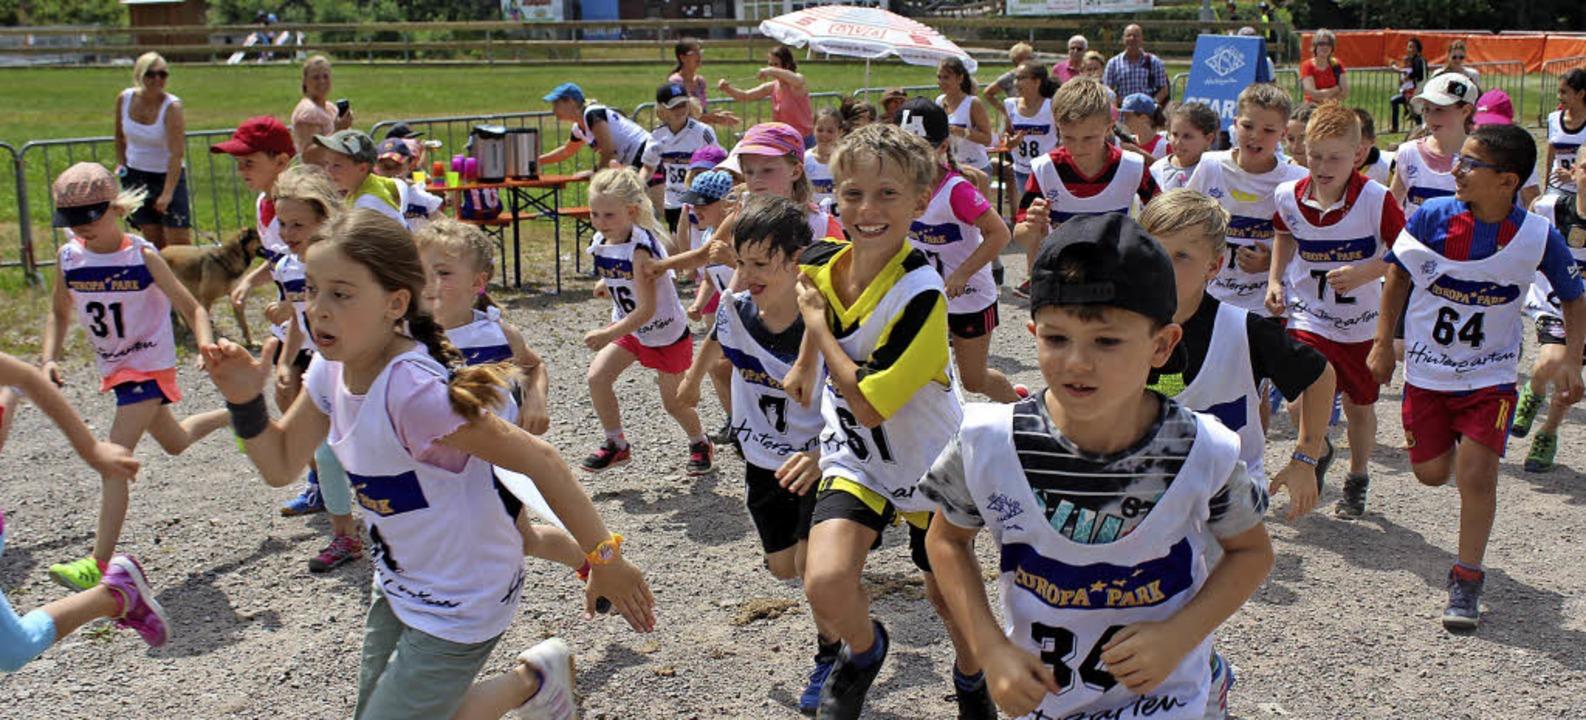 Voller Einsatz für die gute Sache: Mädchen und Jungen auf der Strecke   | Foto: Dieter Maurer